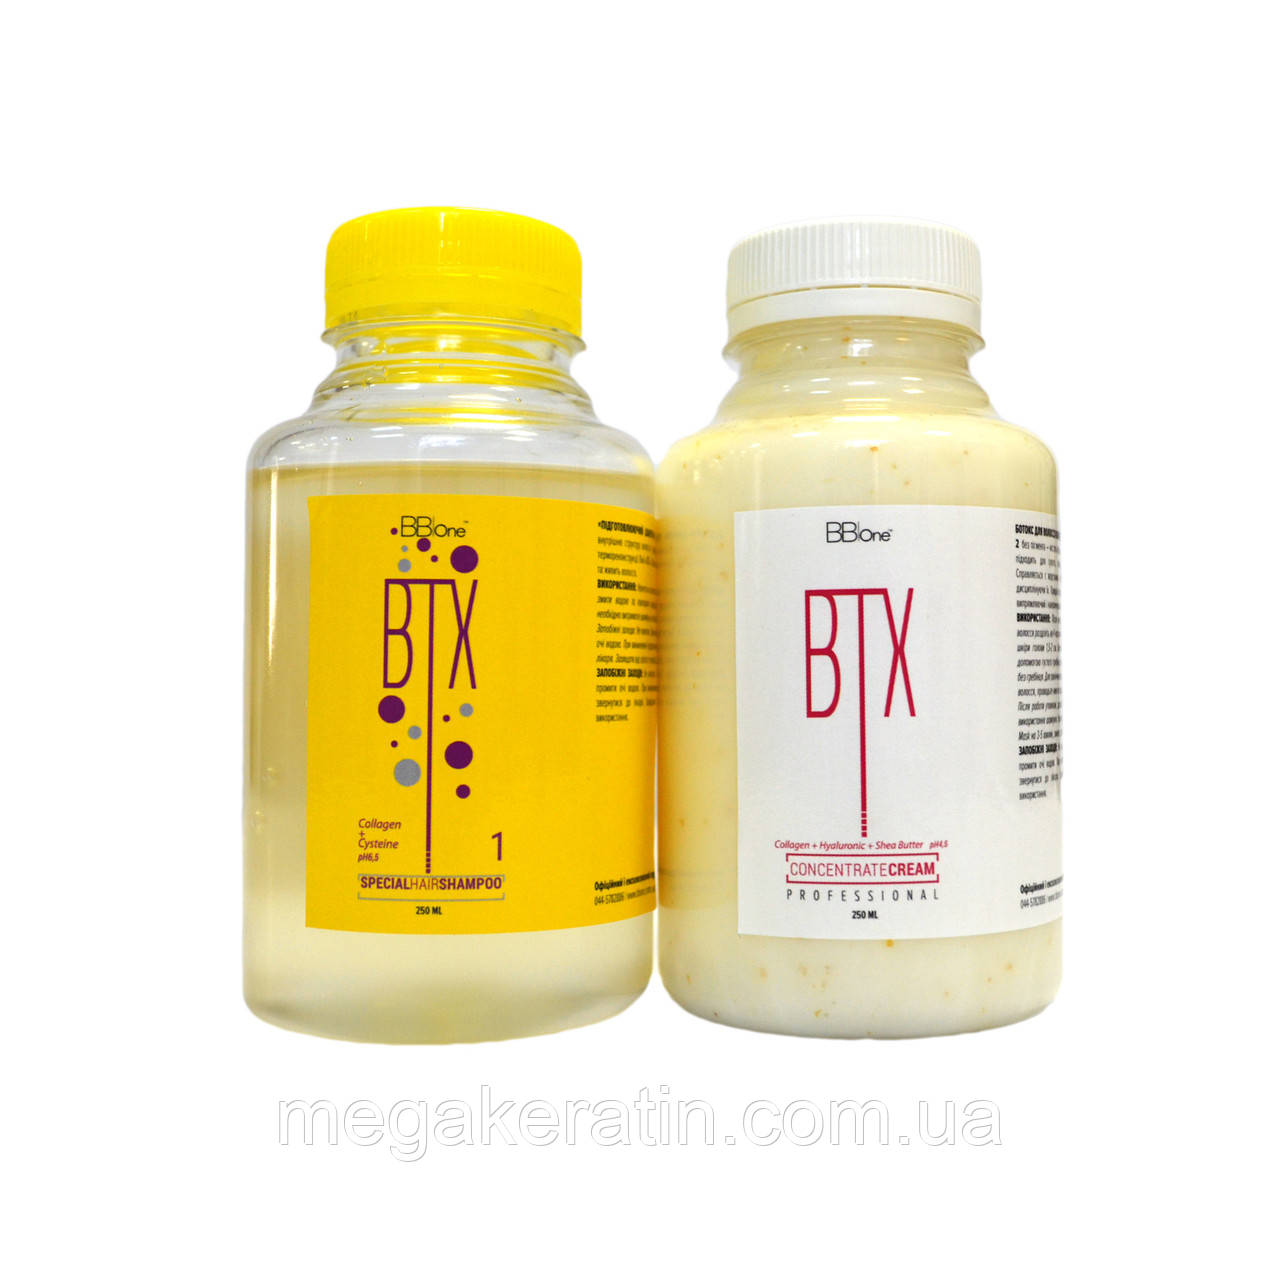 Набор Ботокс для волос (максимальное восстановление) BTX CONCENTRATE CREAM 2*250 мл. BBone